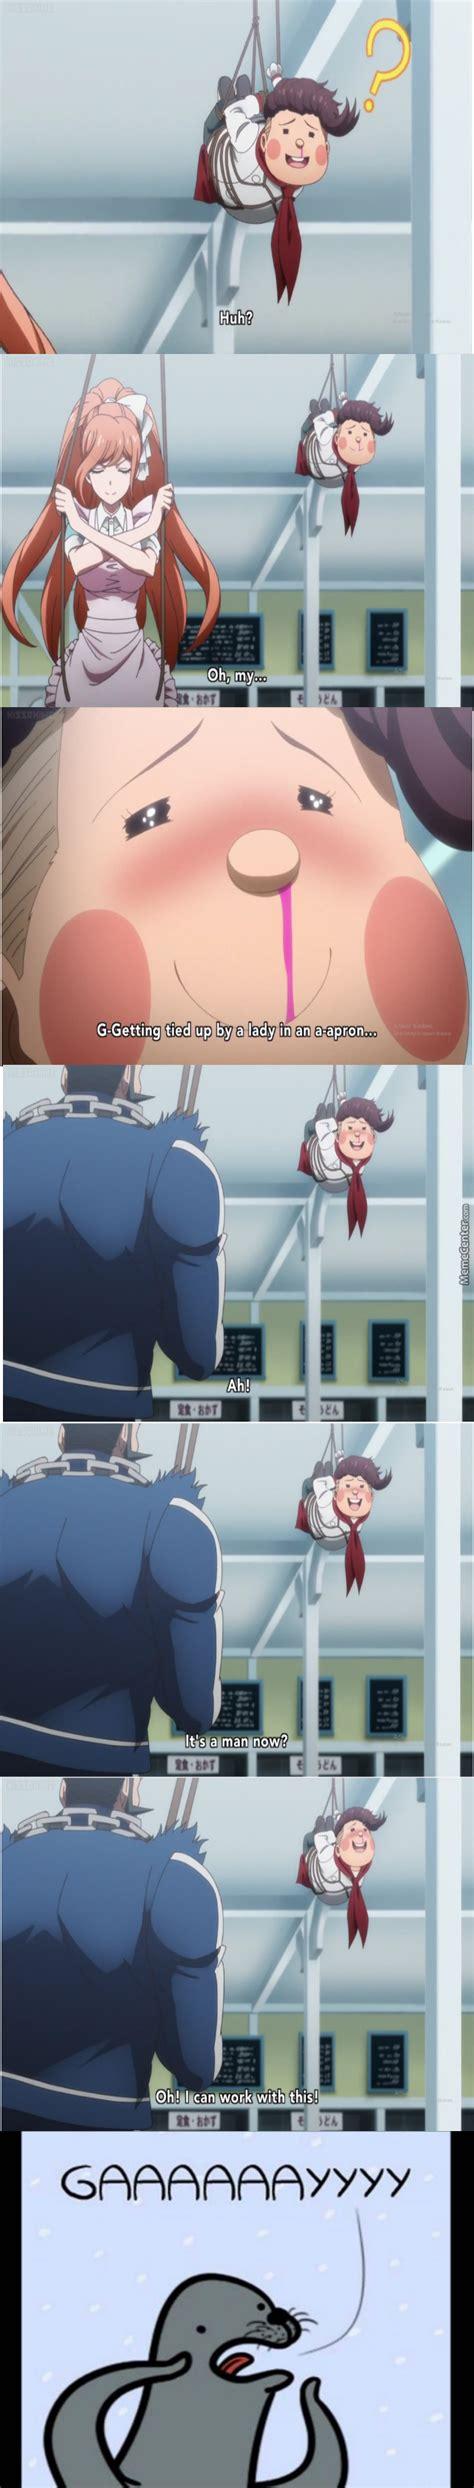 Danganronpa Anime Despair Arc Ha Gaaaay Anime Danganronpa 3 Despair Arc By Unicorn